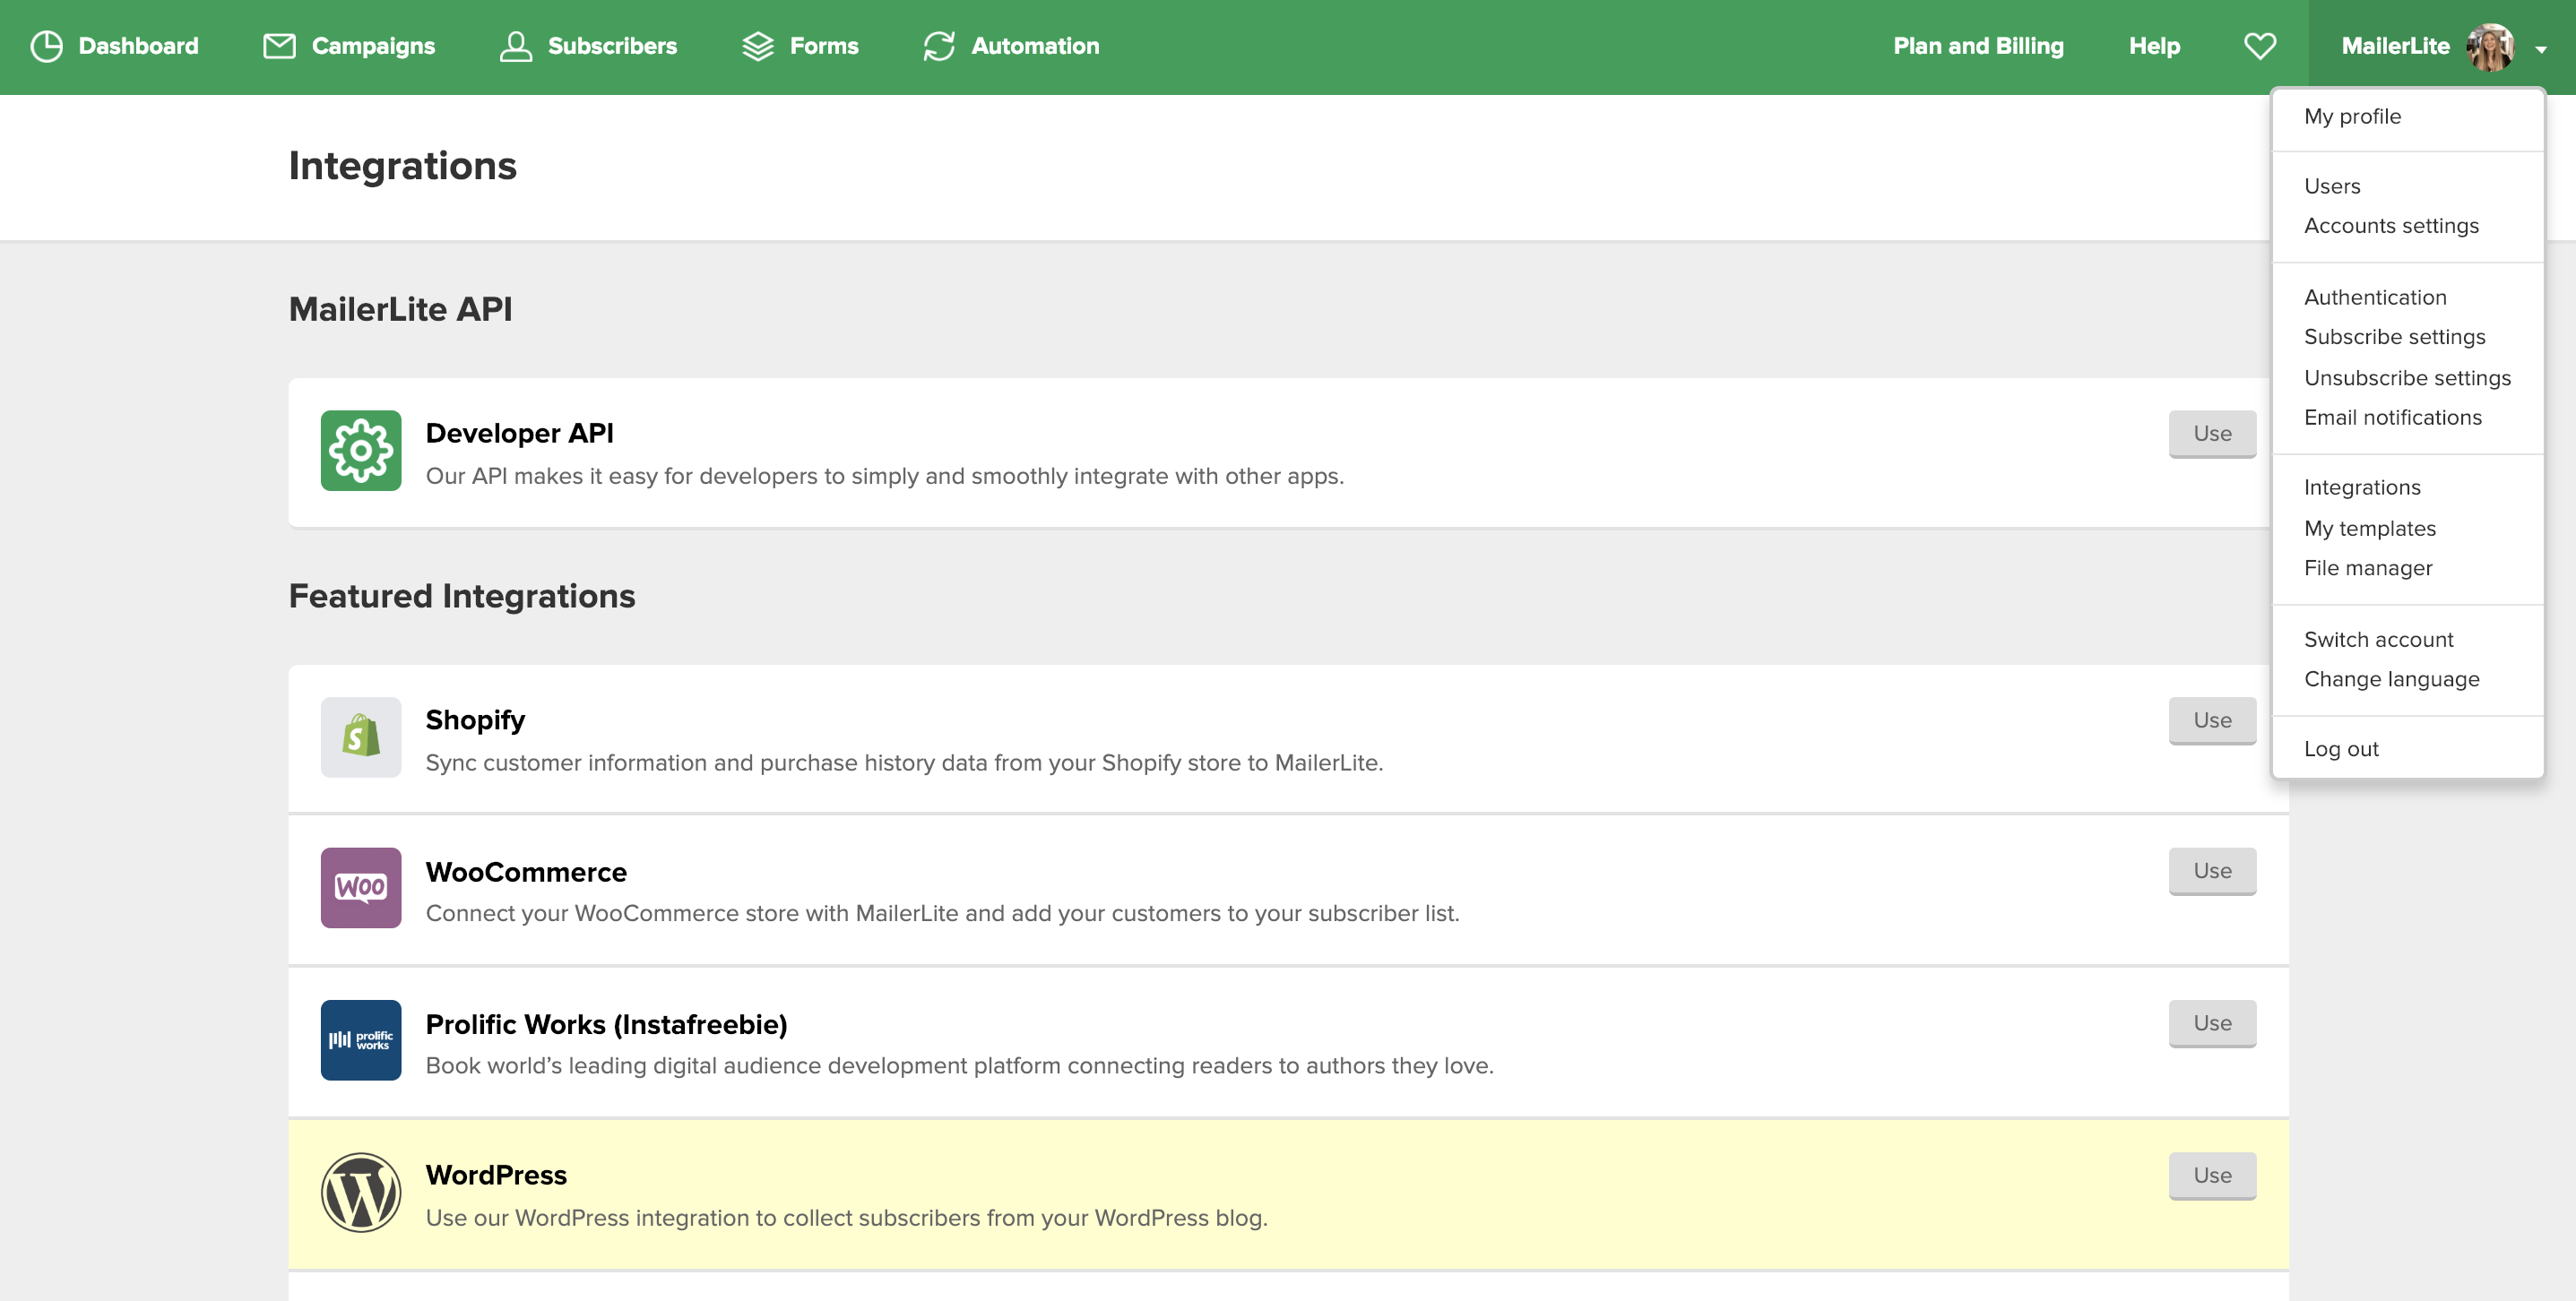 MailerLite - Does MailerLite offer a plugin for WordPress?